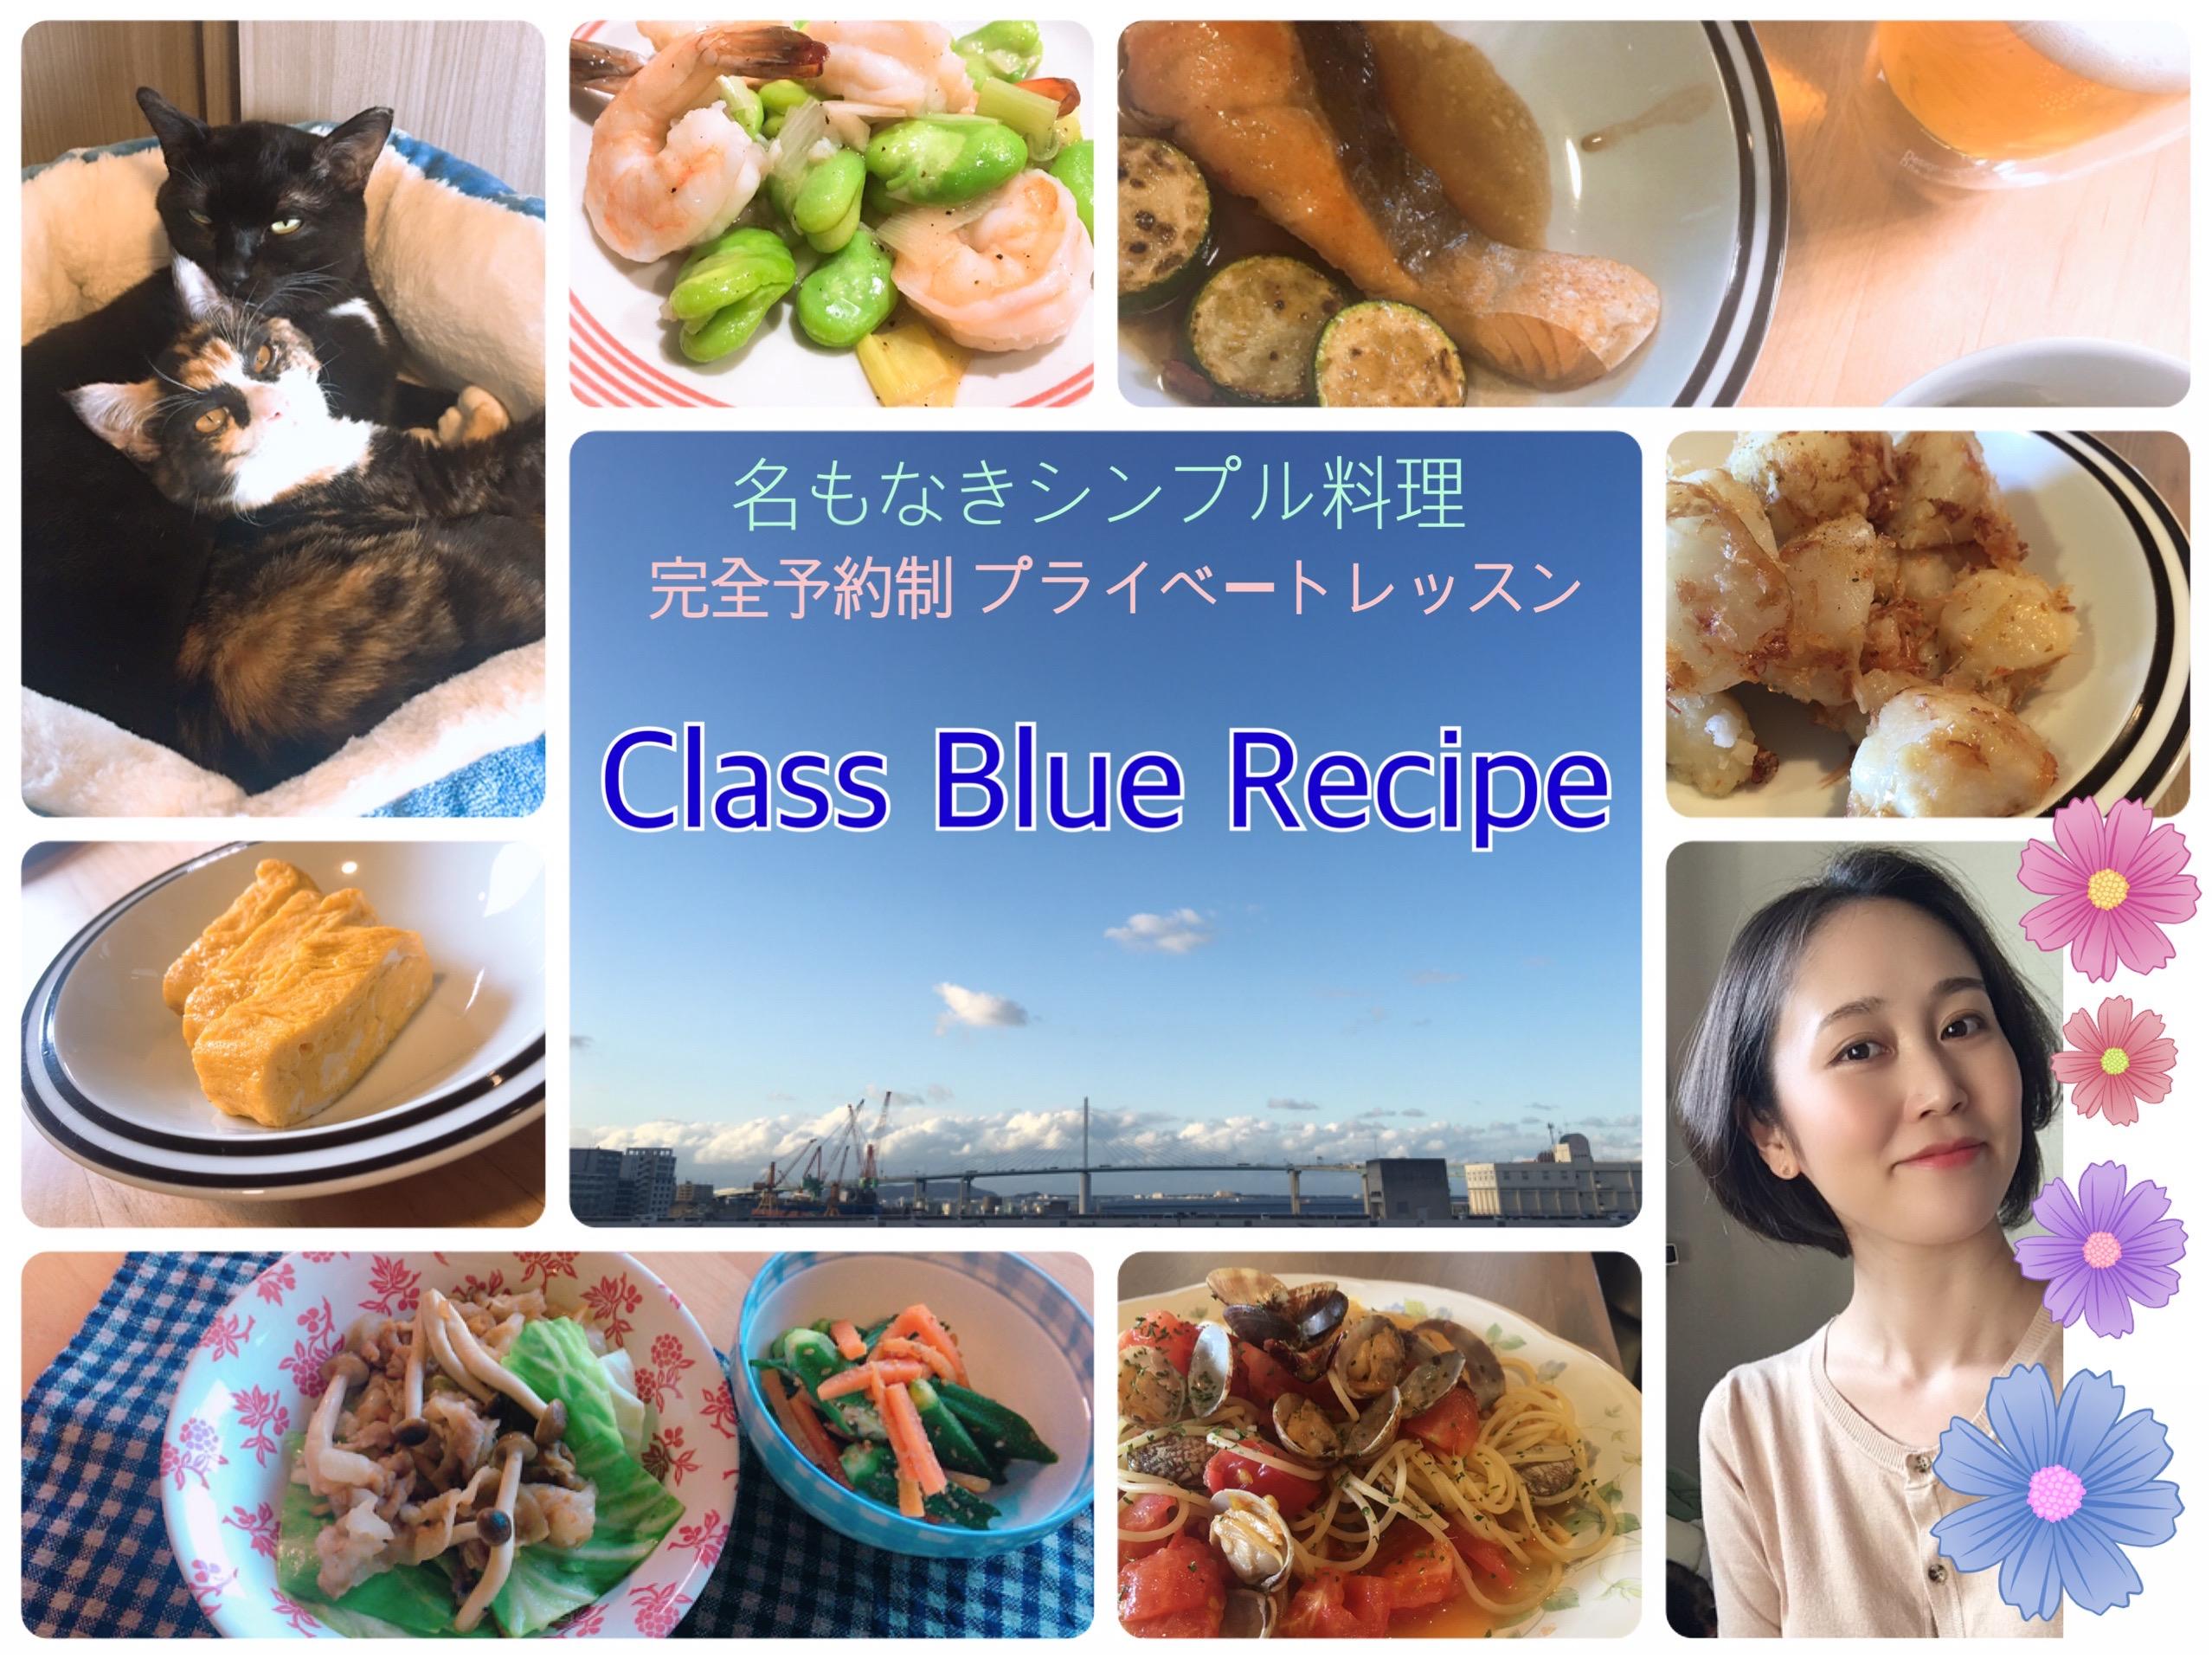 名もなきシンプル料理 Class Blue Recipe|オーダーメイド個人レッスン